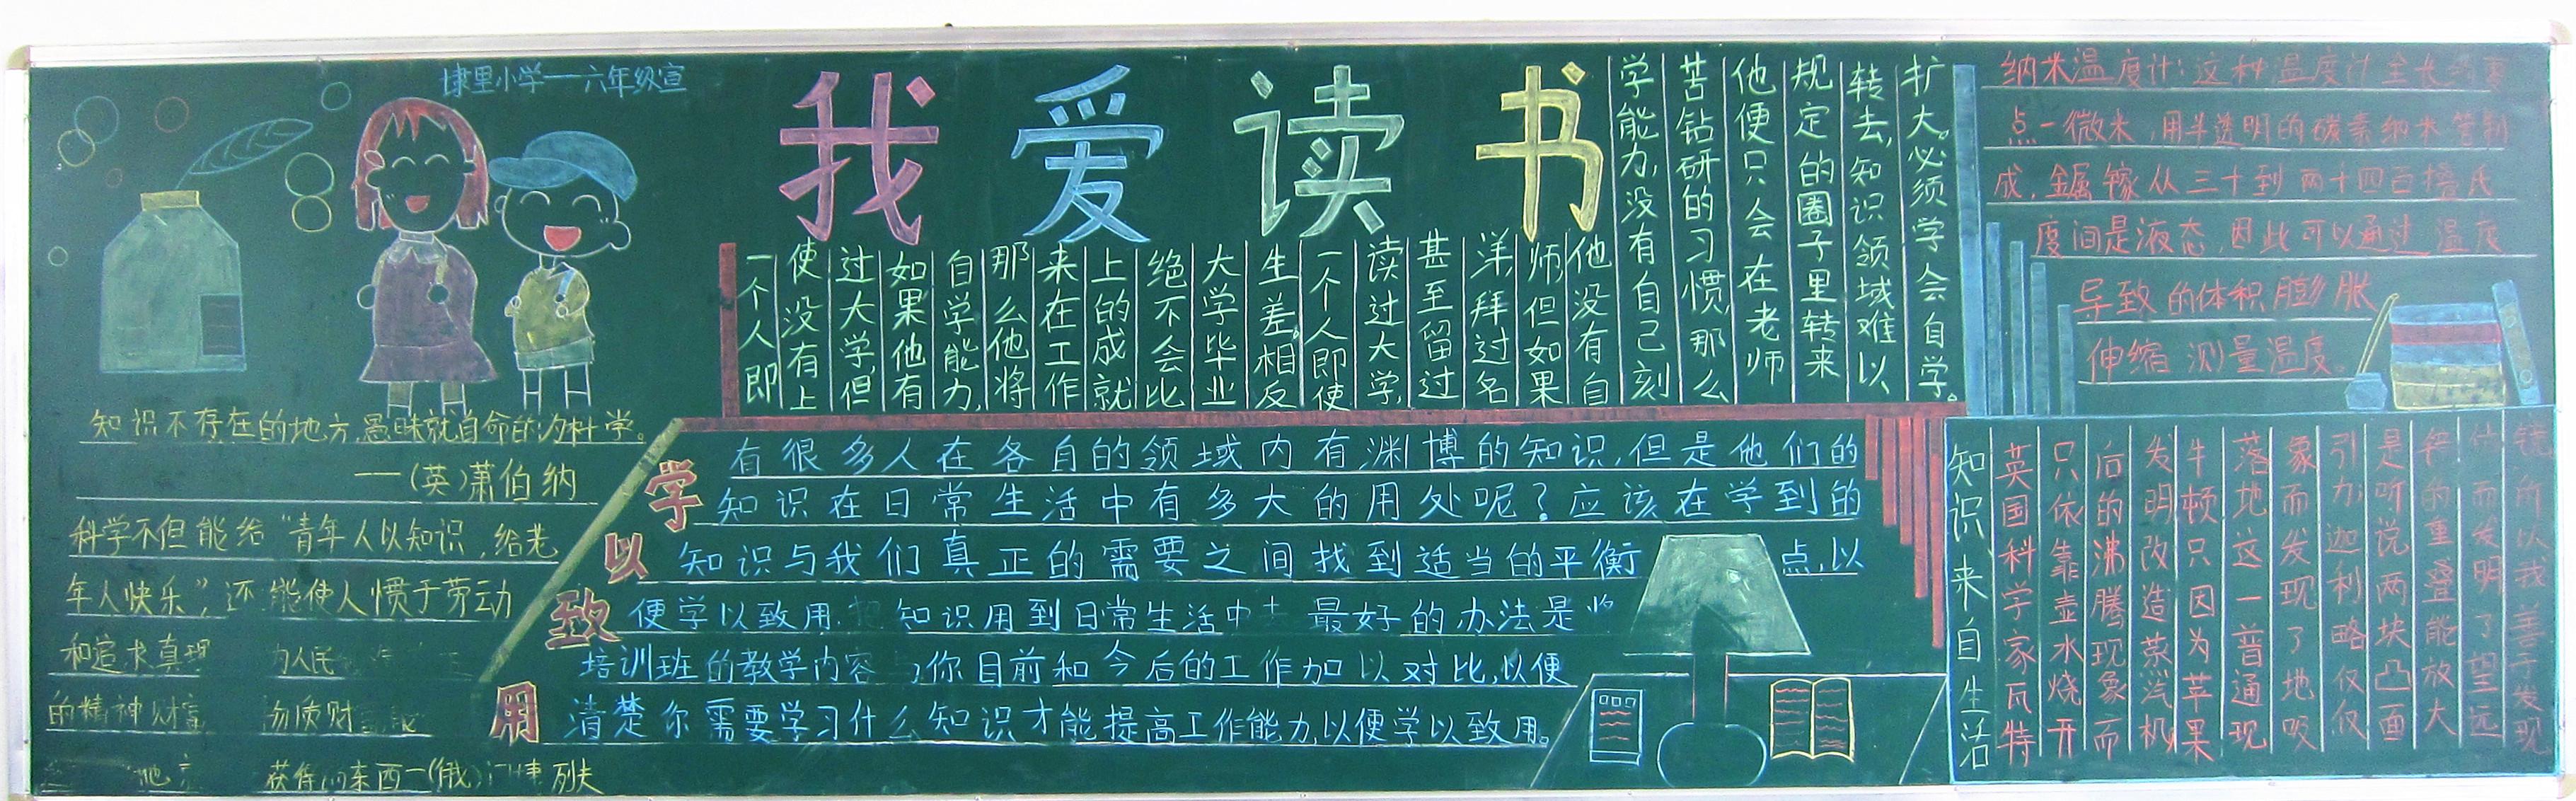 928终身学习 系列之班级读书主题黑板报展评活动报道